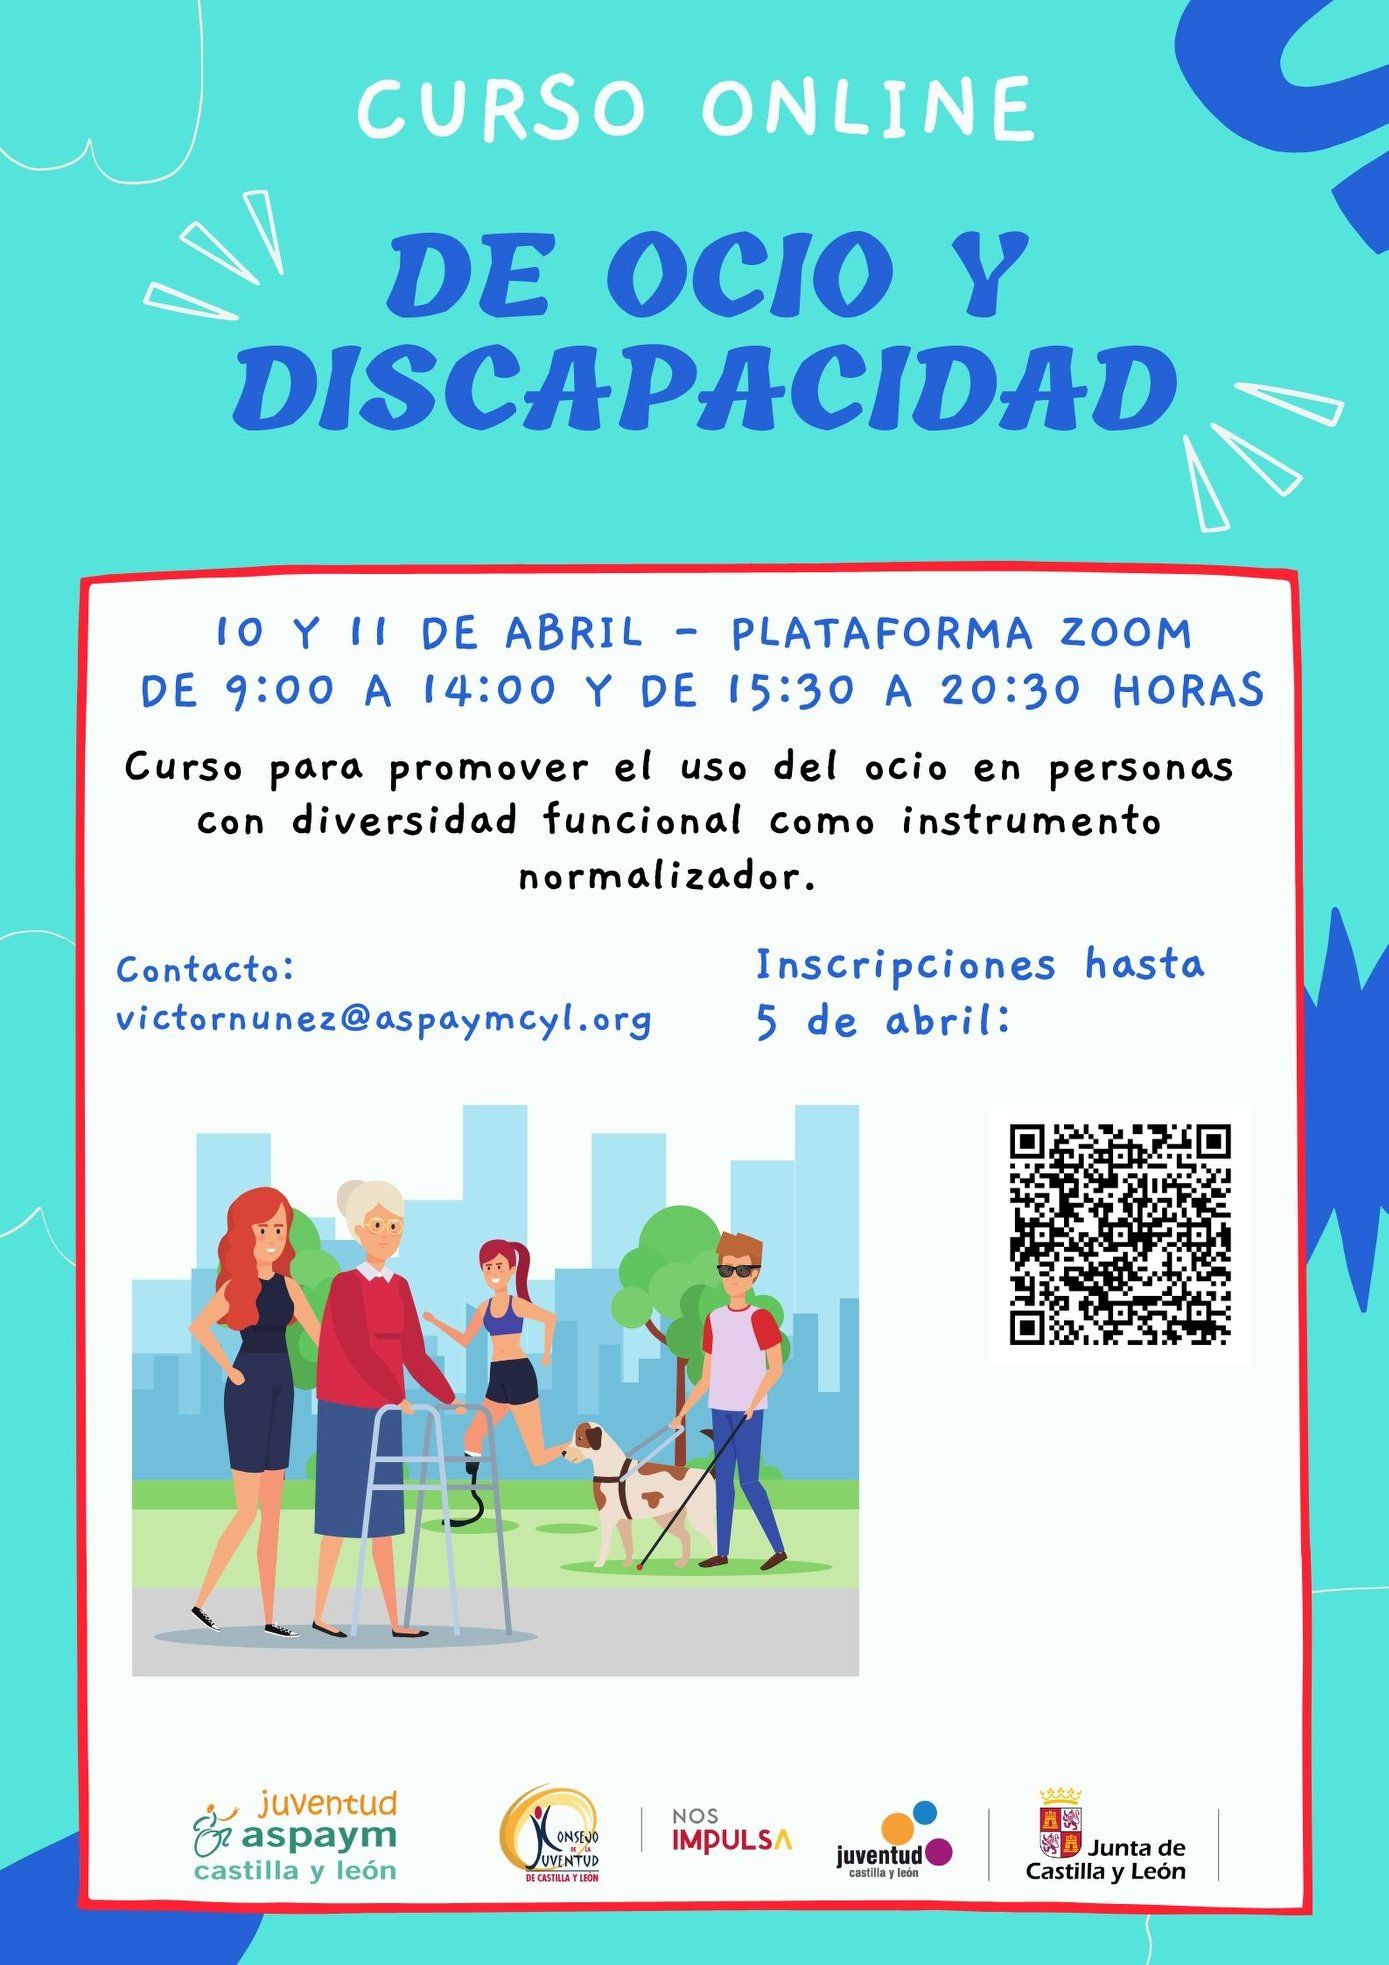 Cartel del Curso de Ocio y Discapacidad